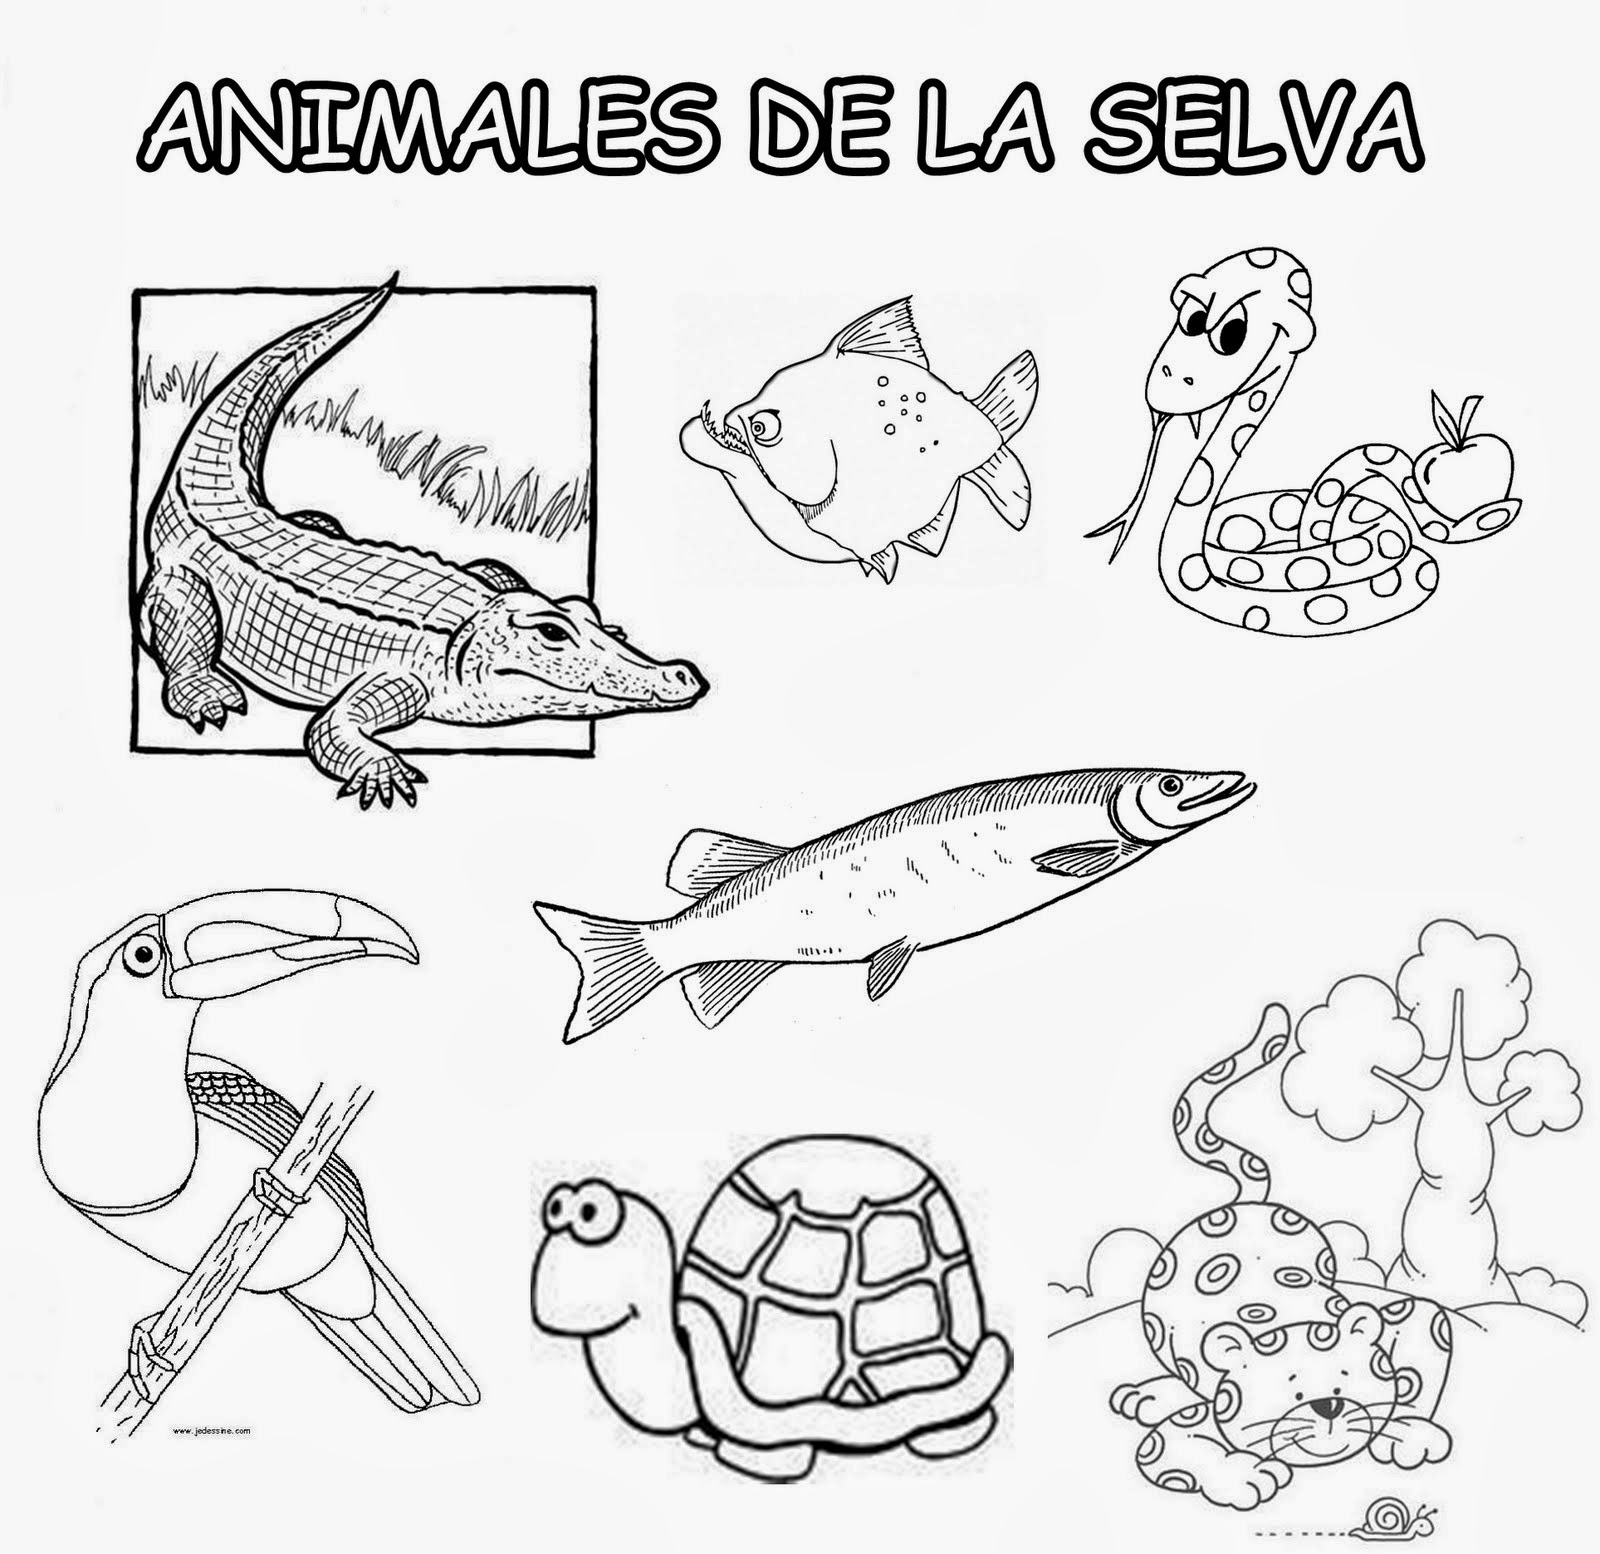 Único Libros Para Colorear Amazonas Bosquejo - Dibujos Para Colorear ...